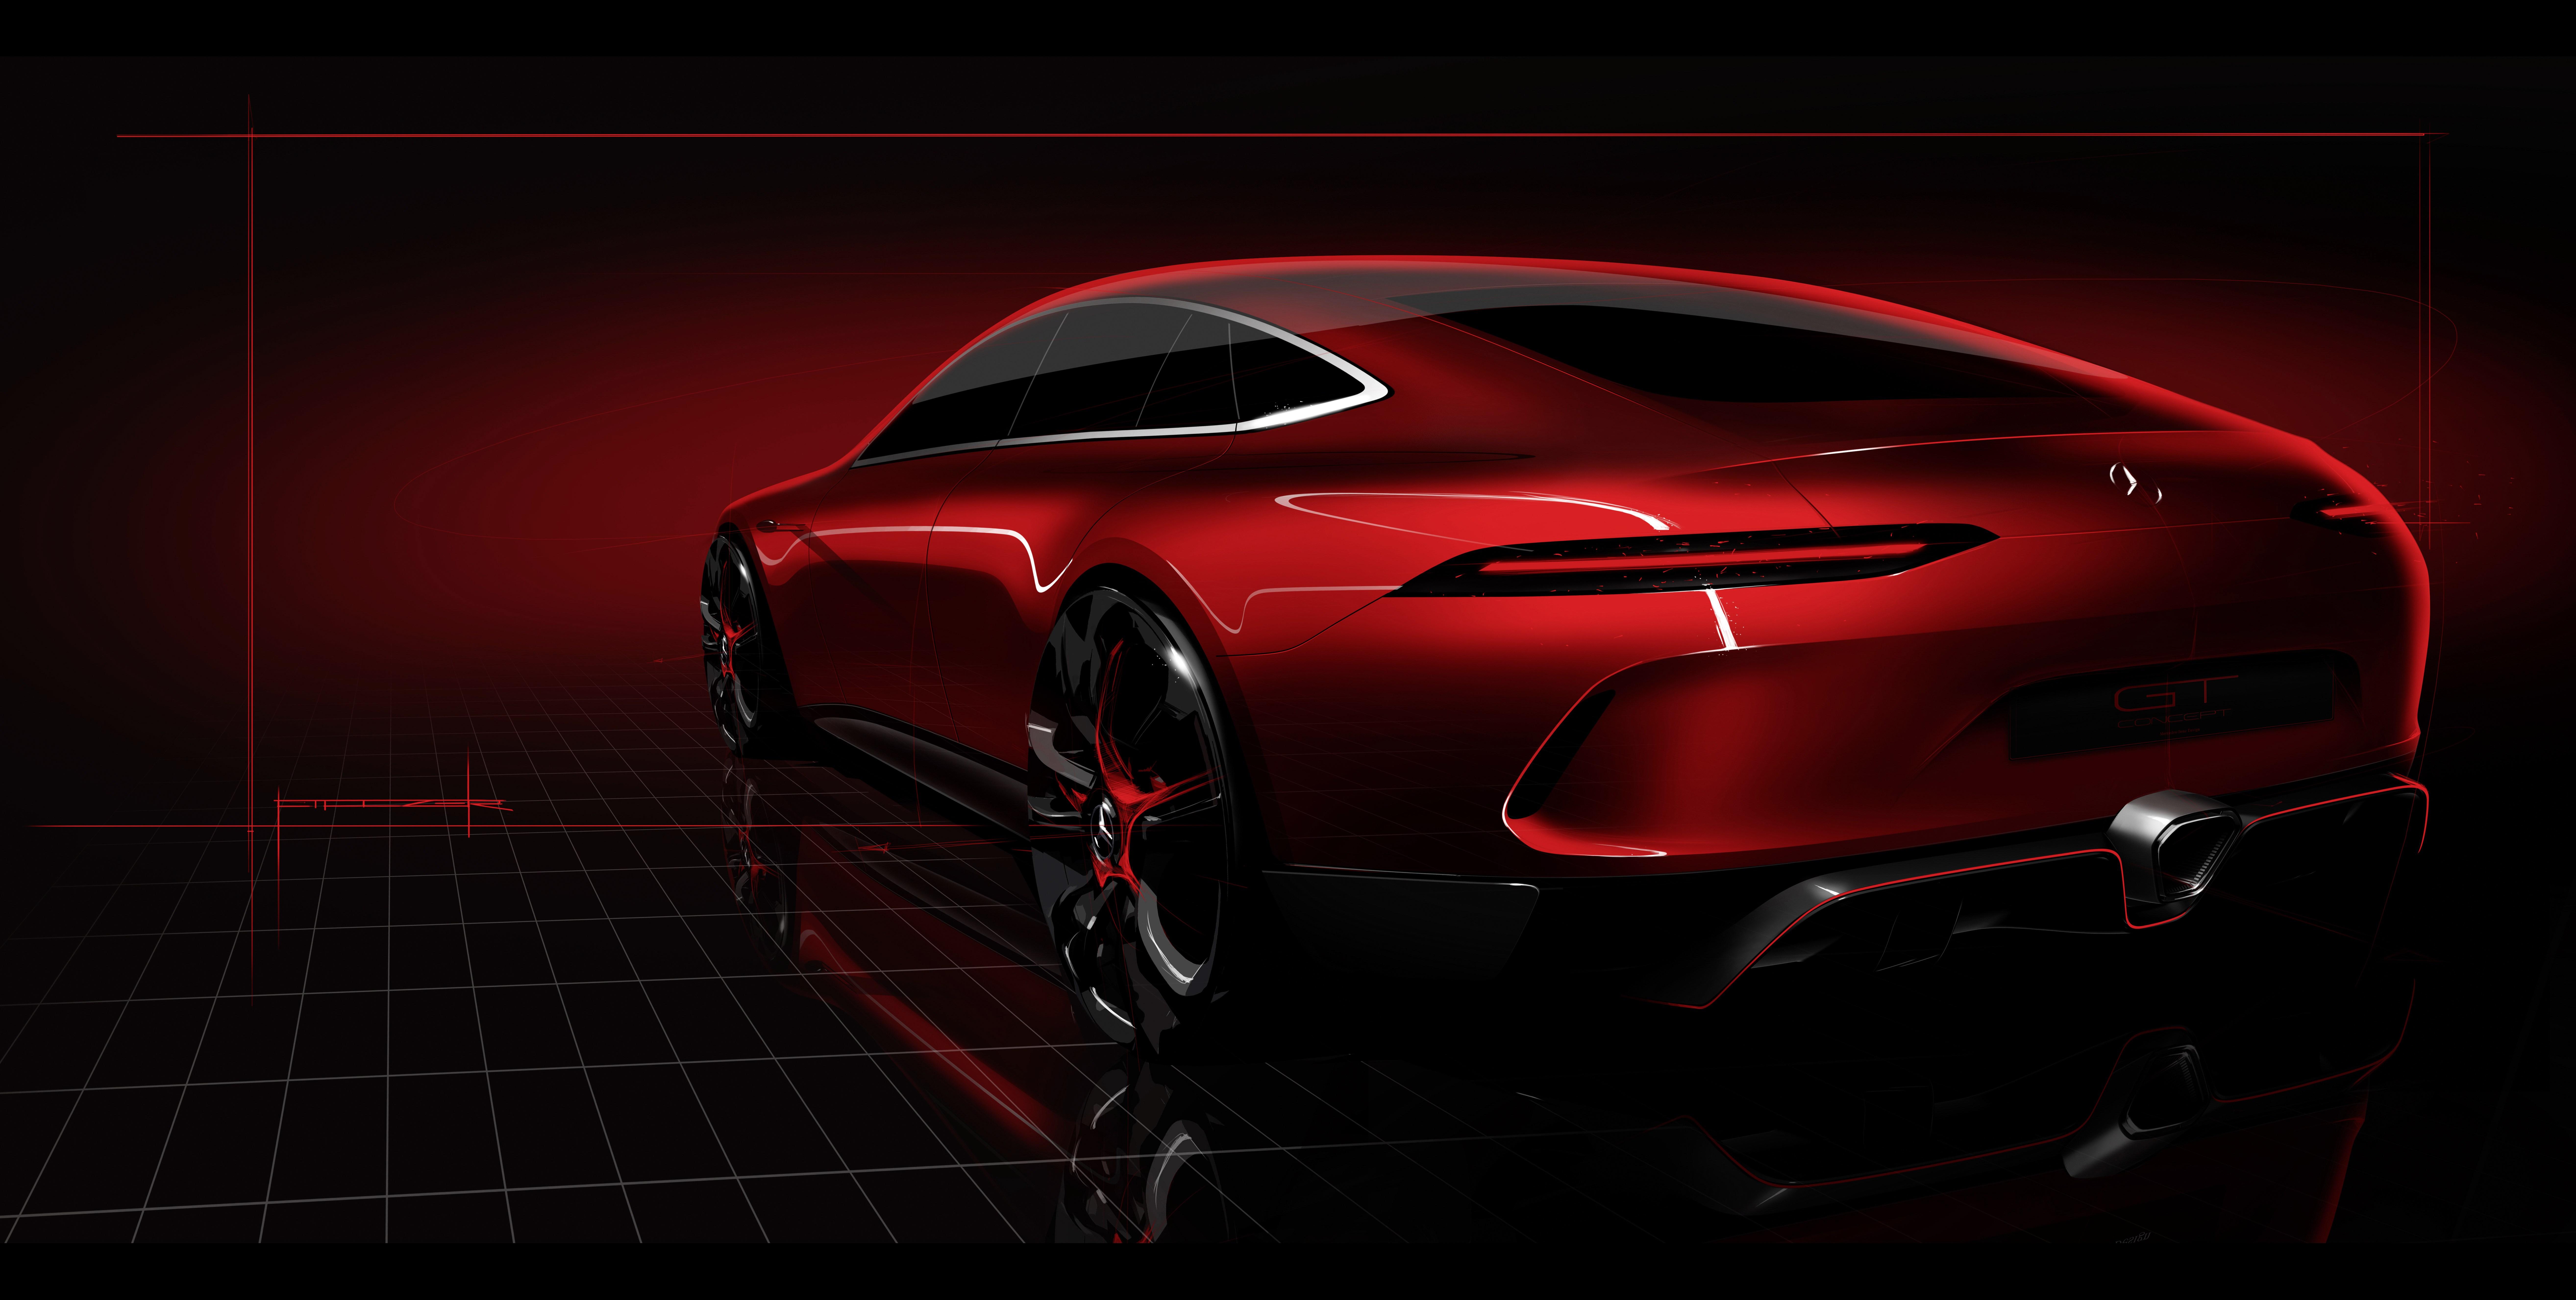 奔驰AMG GT概念车预告图 新插电混动超跑